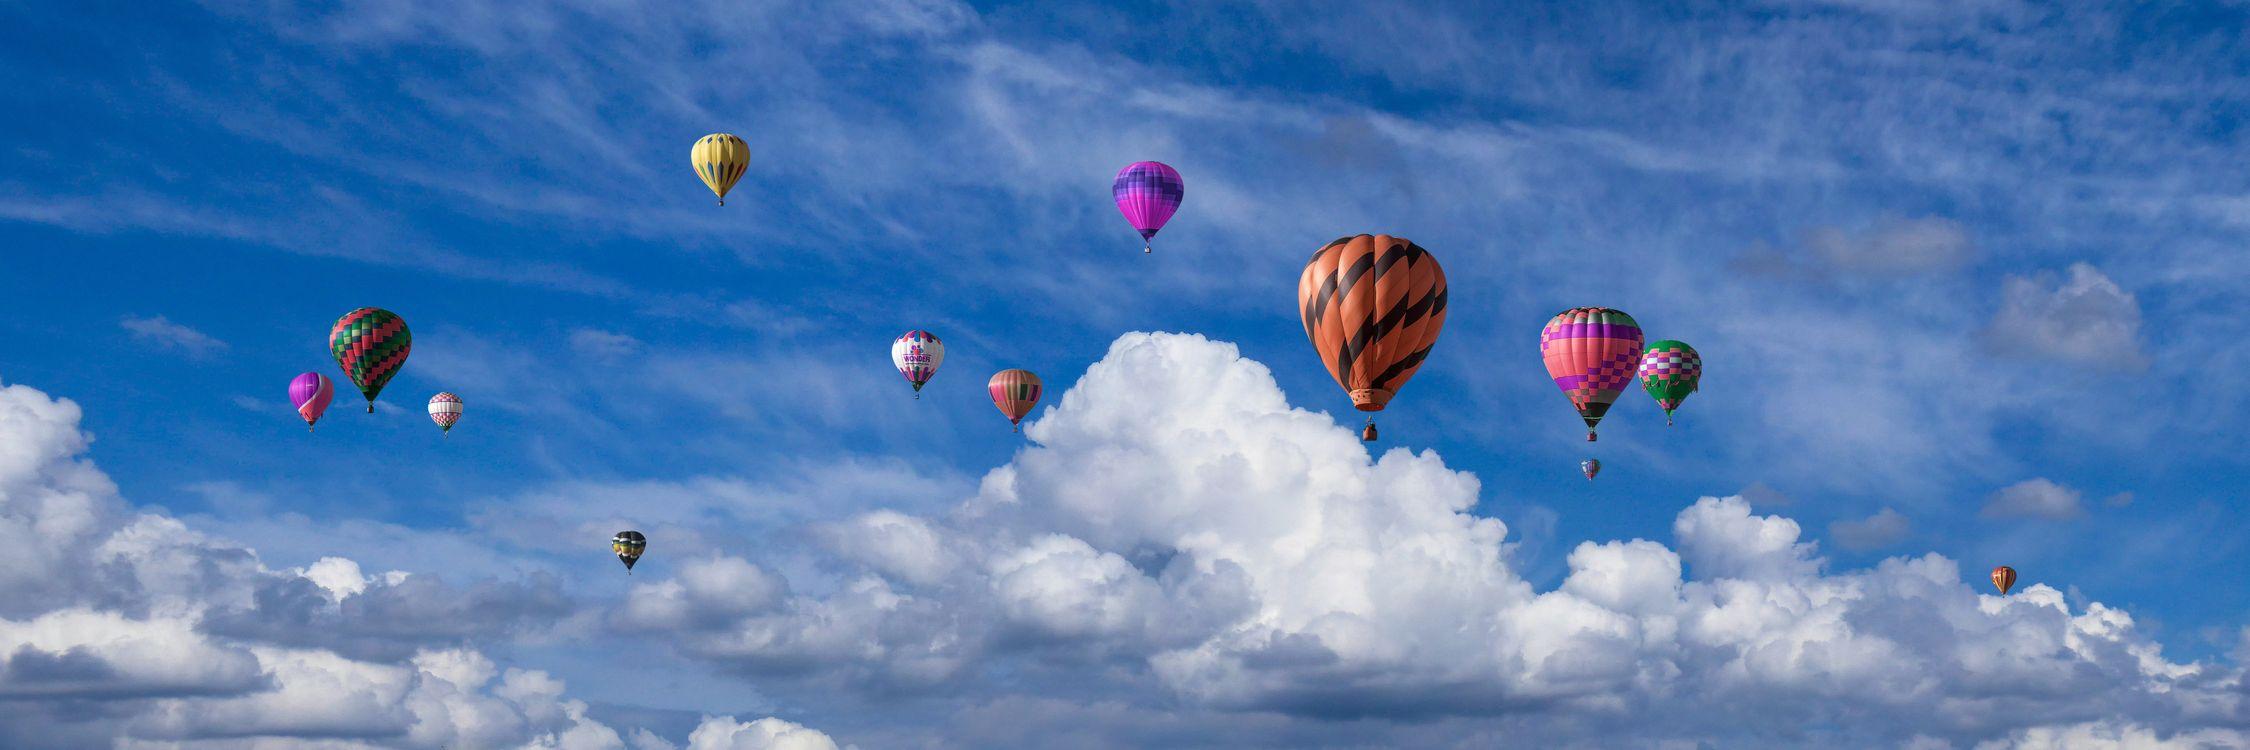 Фото бесплатно эмоции, праздники, праздник, облака, воздушный шар, полет на воздушном шаре, летающий, приключение, путешествия, составление, баннер, заголовок, поздравительная открытка, цели, небо, пейзажи